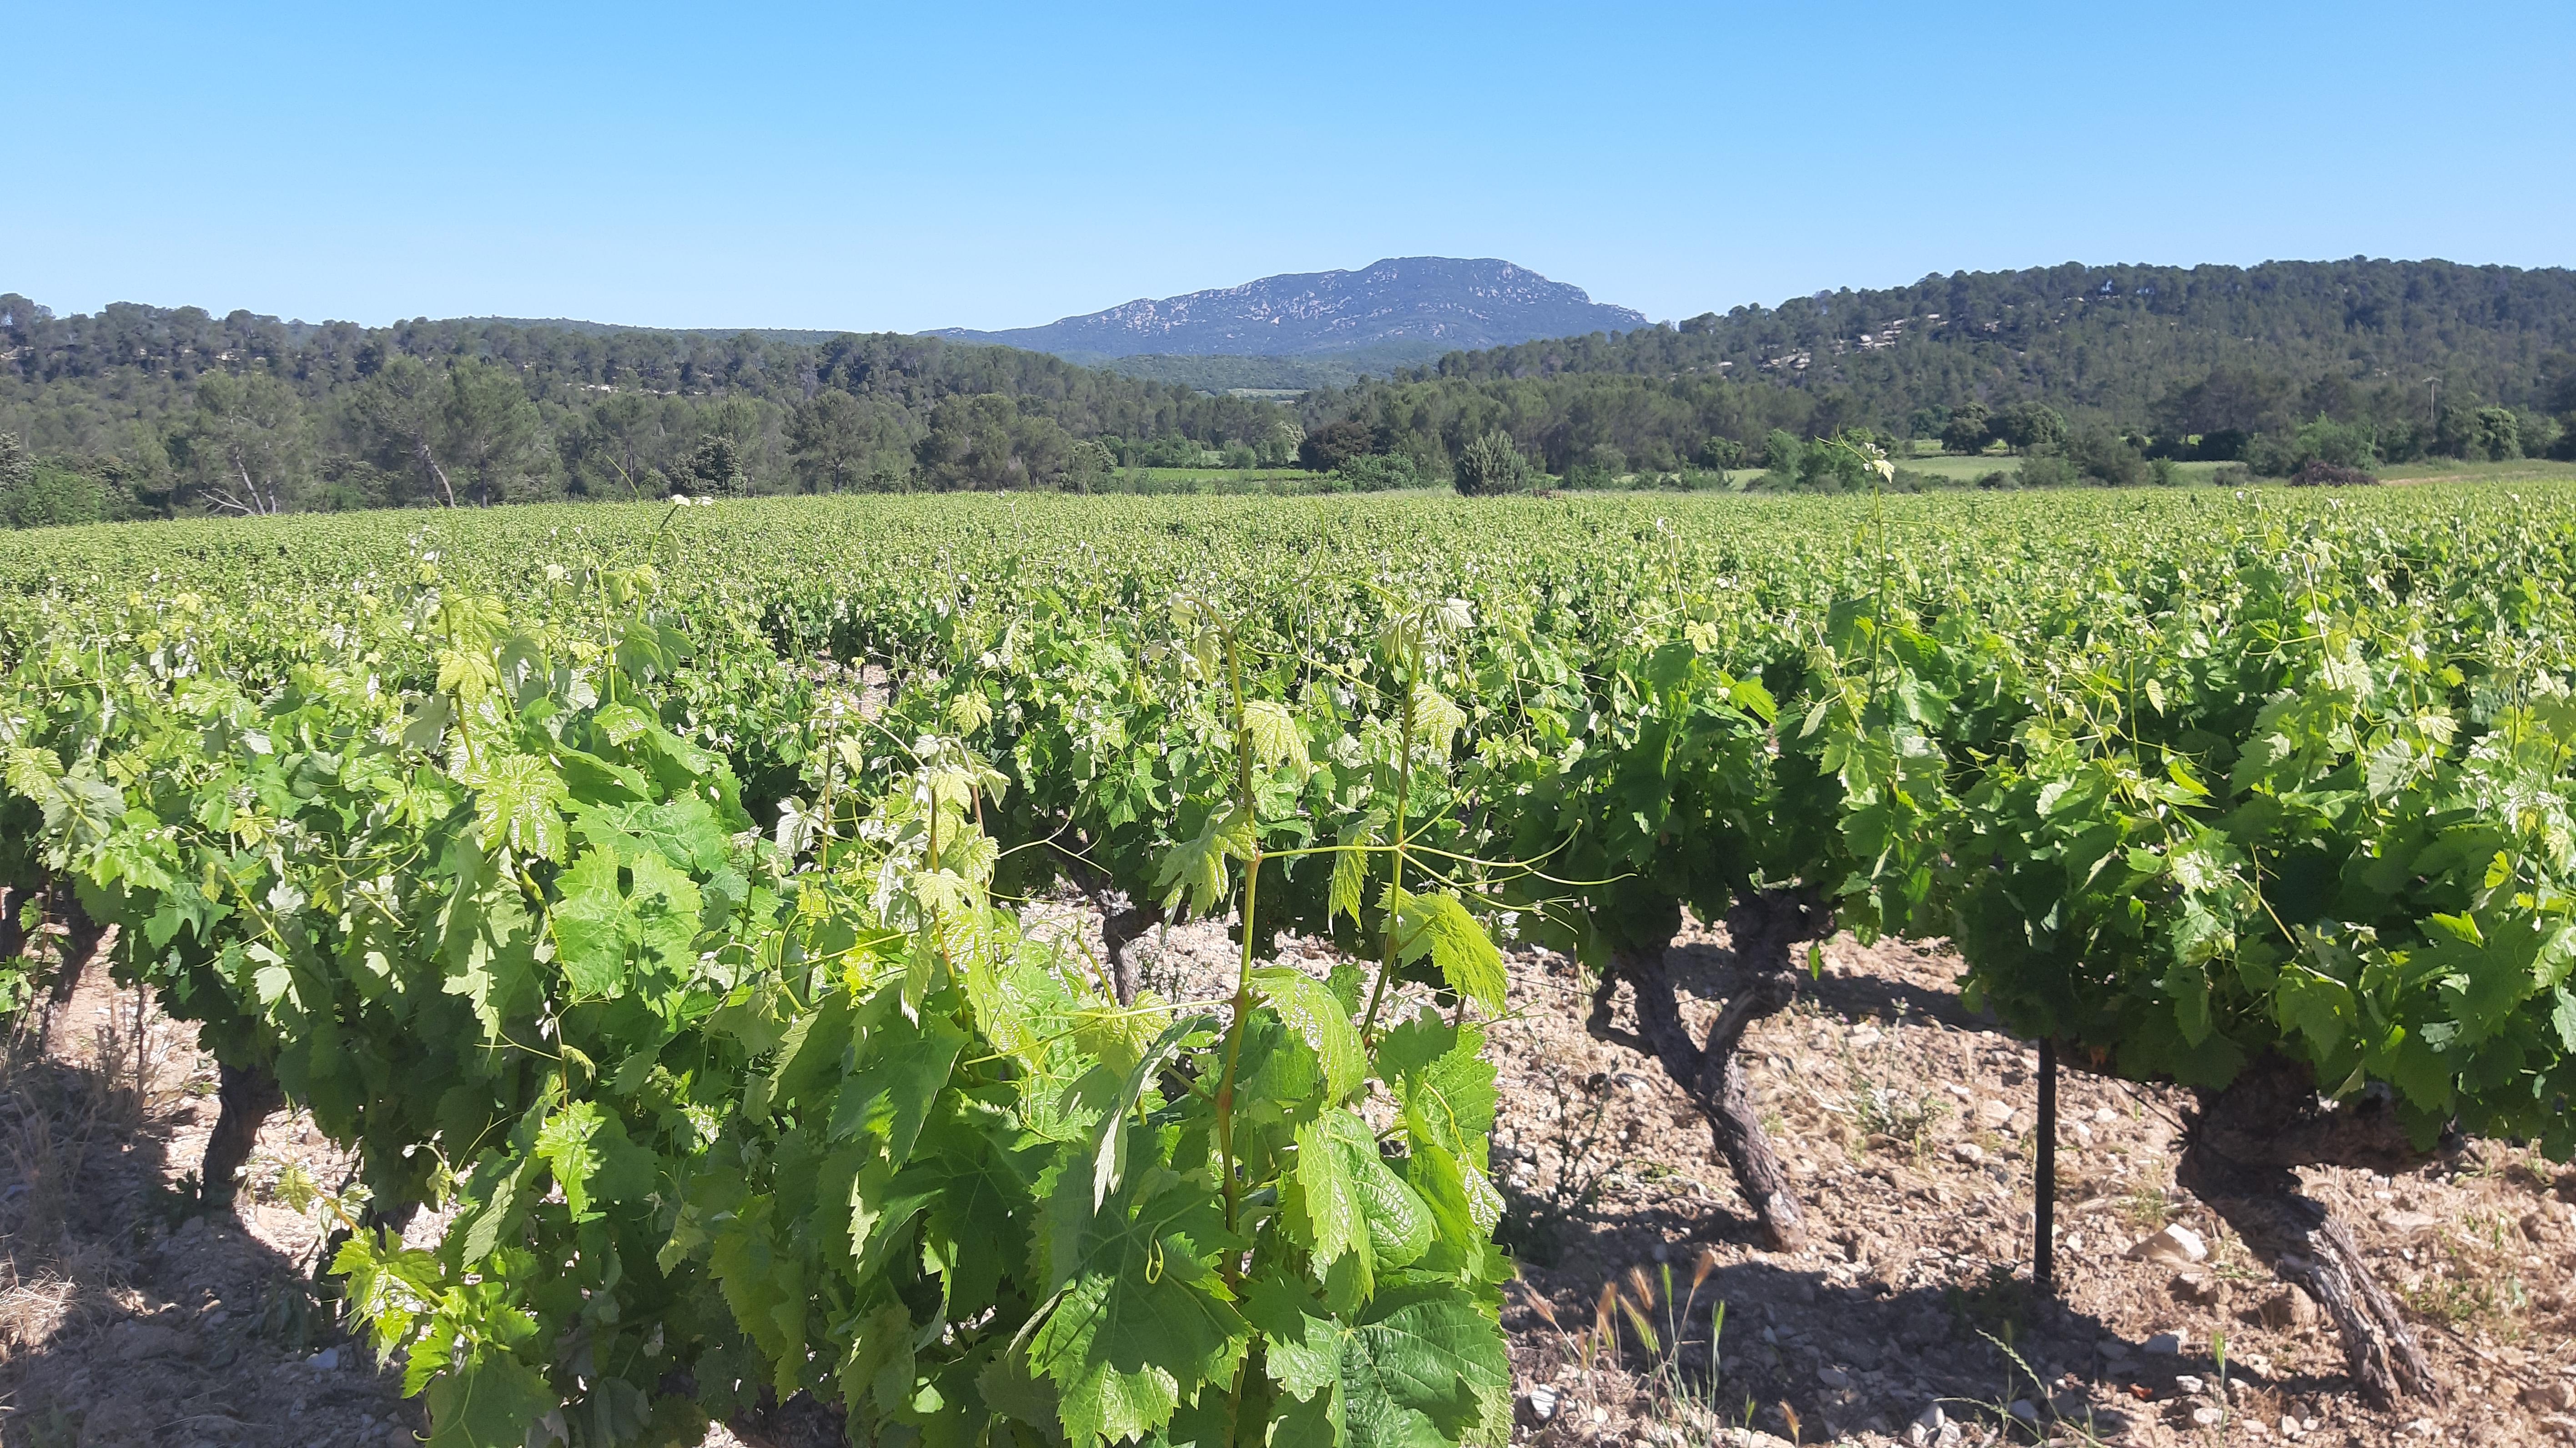 Profitez de la fin d'année pour découvrir les prochaines formations viticoles ICV